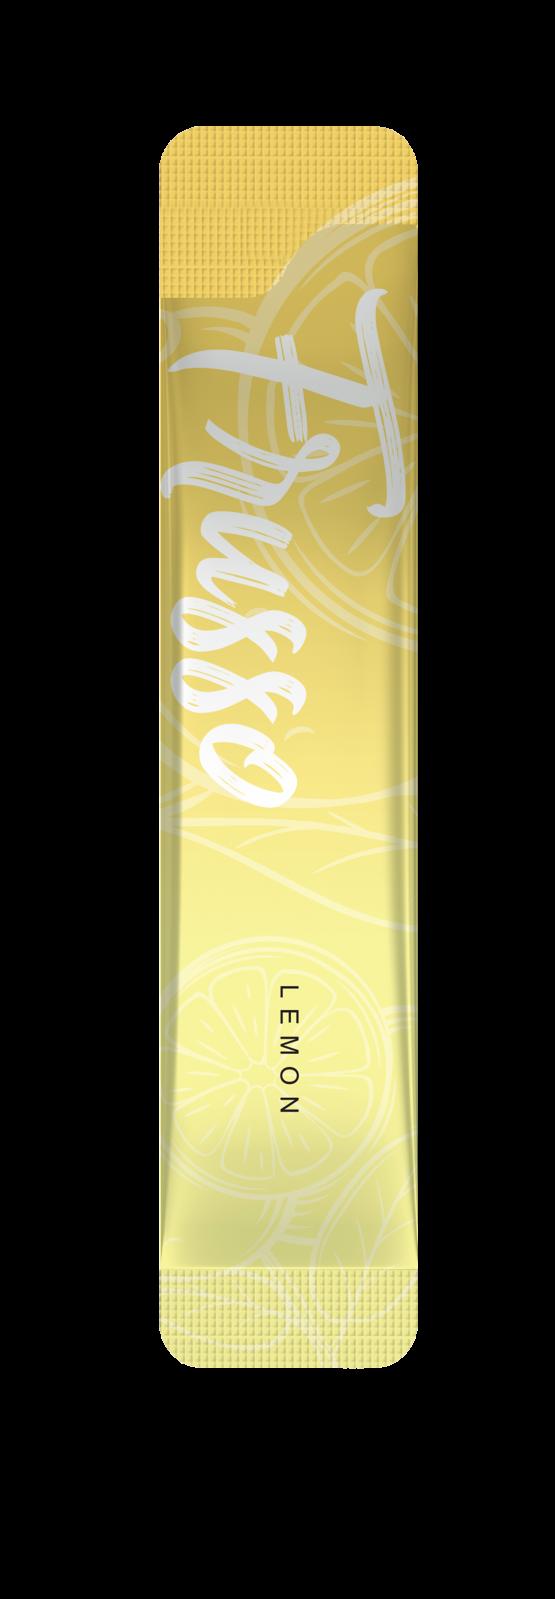 Wellous-Singapore-Frusso sachet-Lemon-MyVpsGroup-1